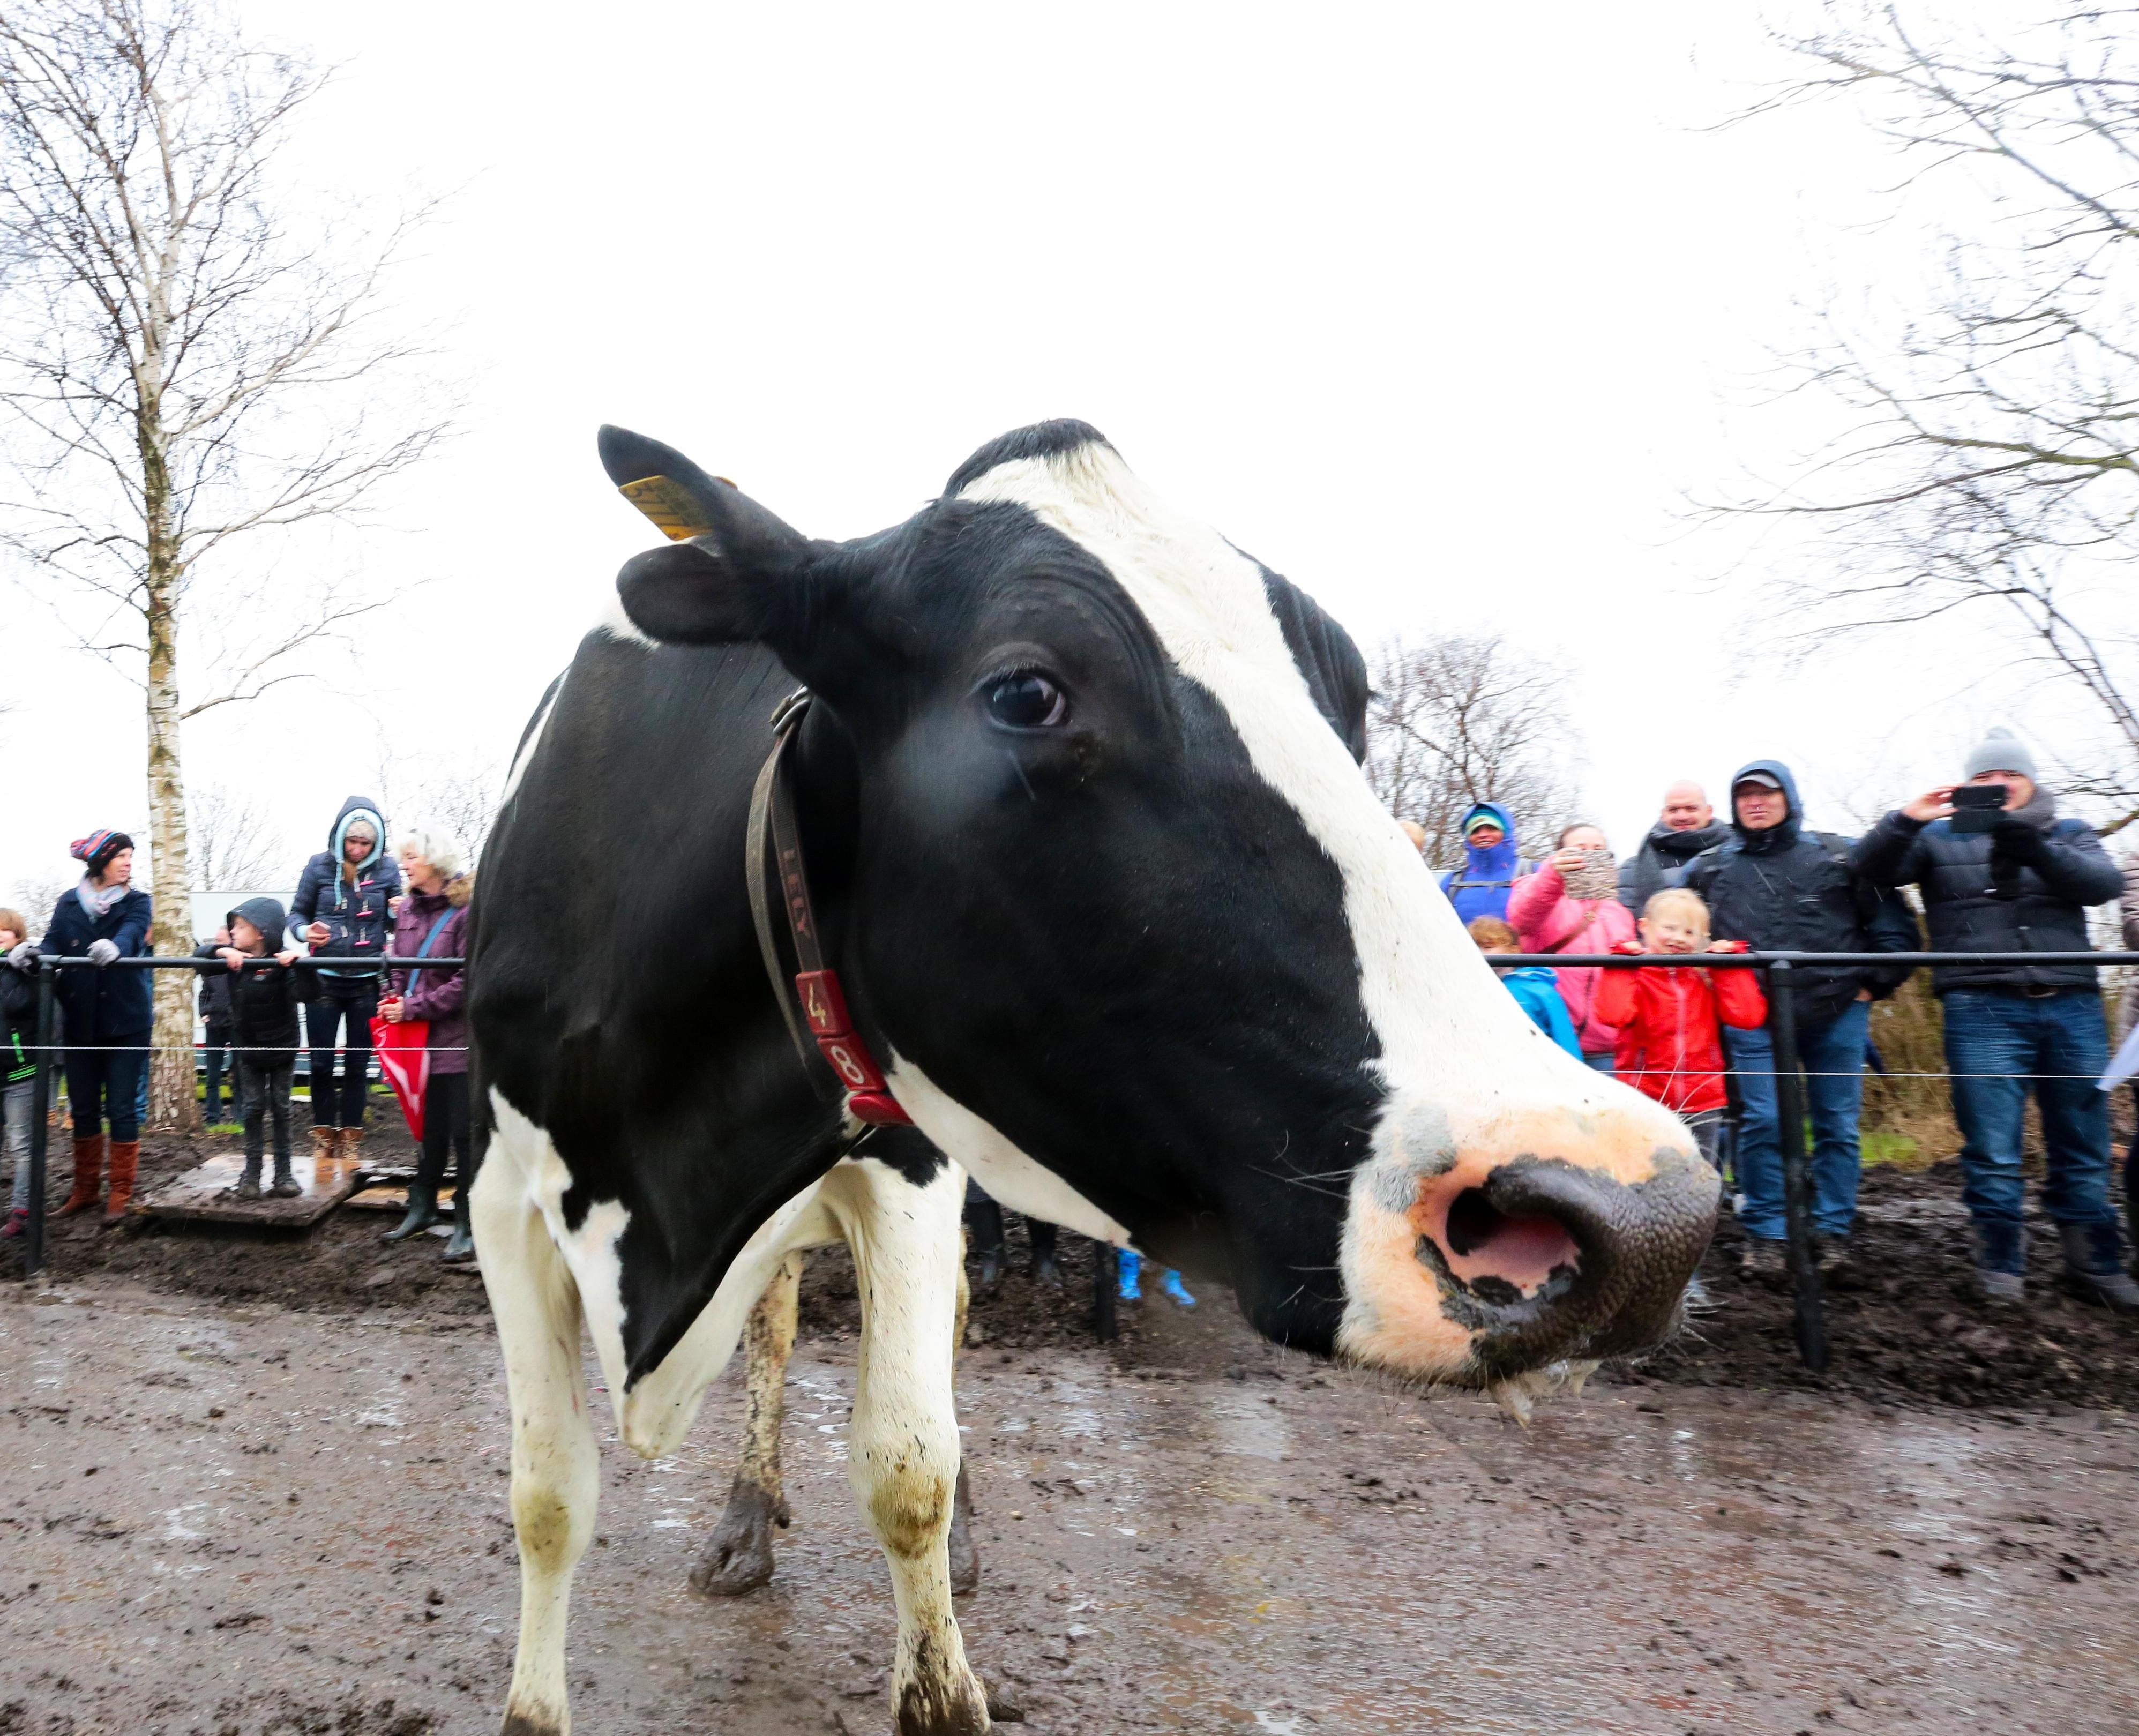 Eerste koeien in wei Leimuiden hebben veel bekijks [video]